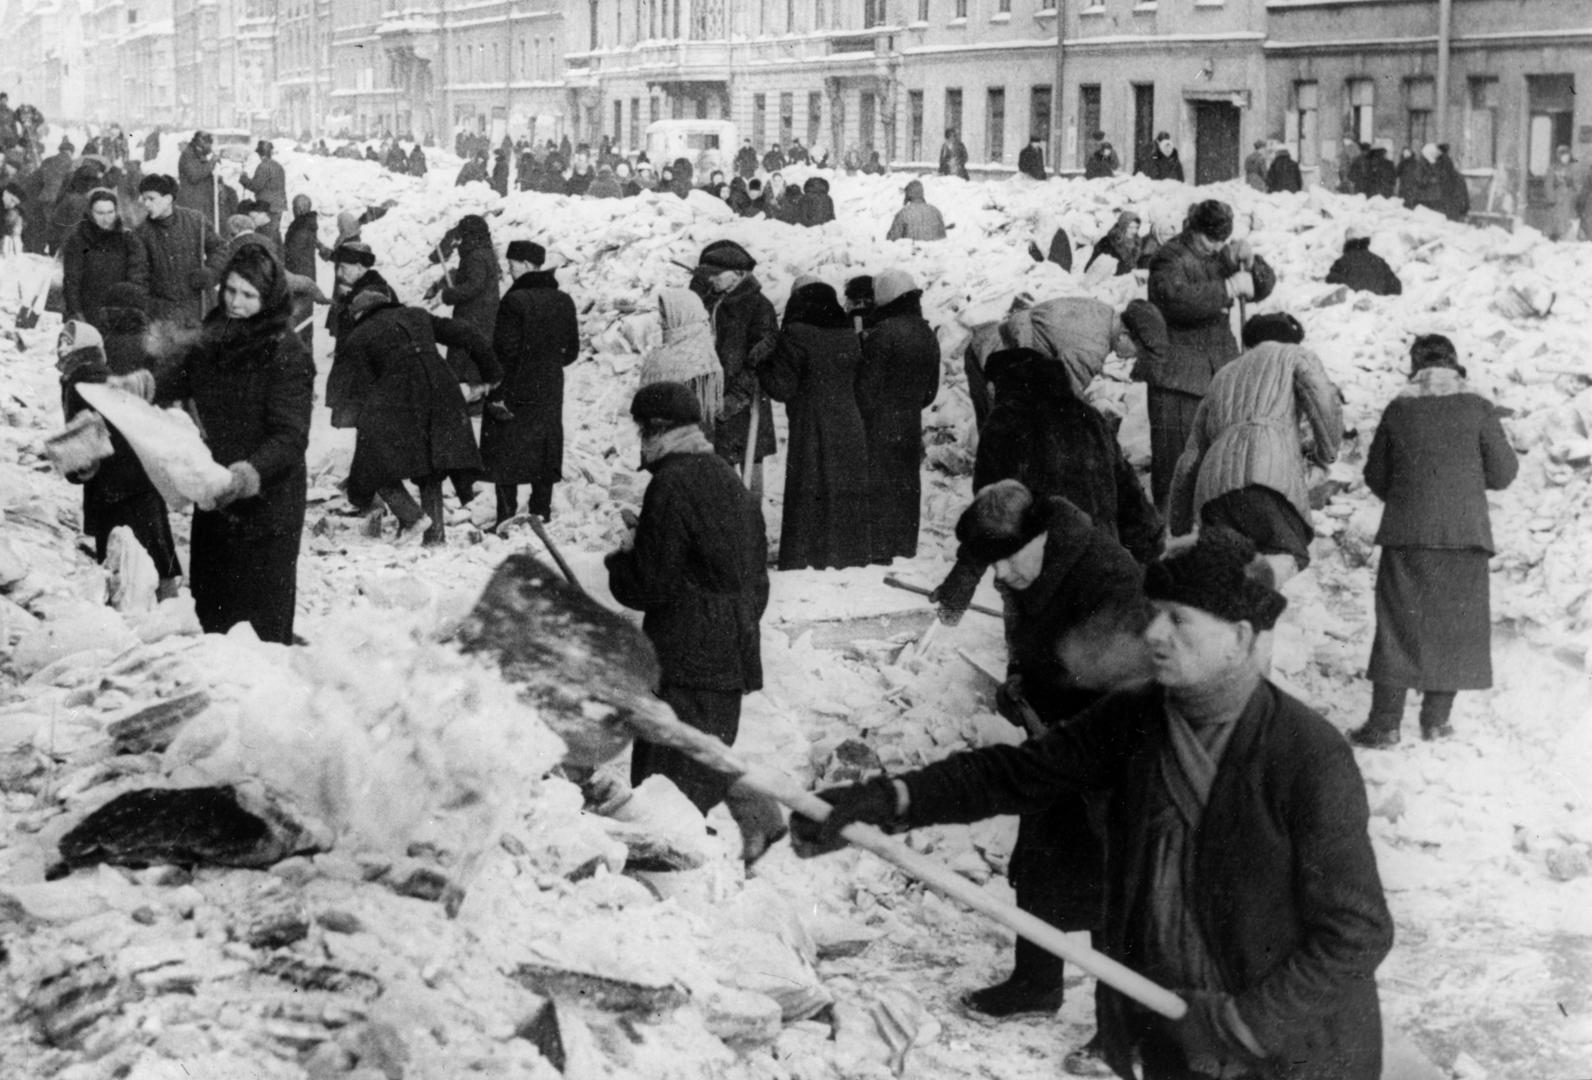 Leningrad während der Belagerung vom 8. September 1941 bis 27. Januar 1944